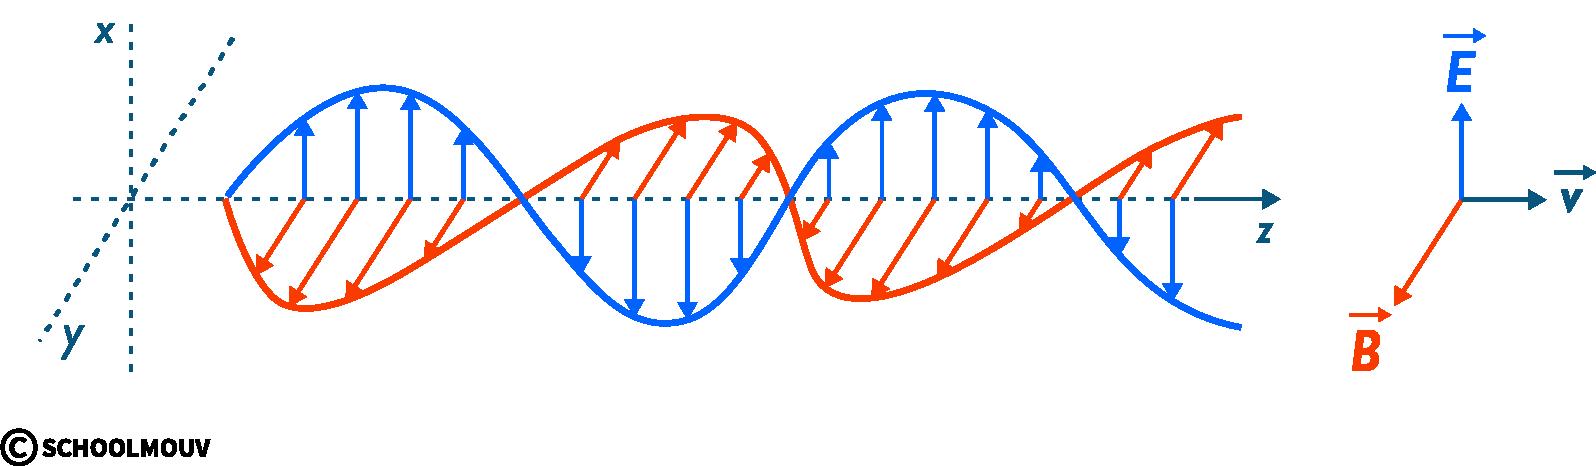 physique chimie première ondes spectre électromagnétiques